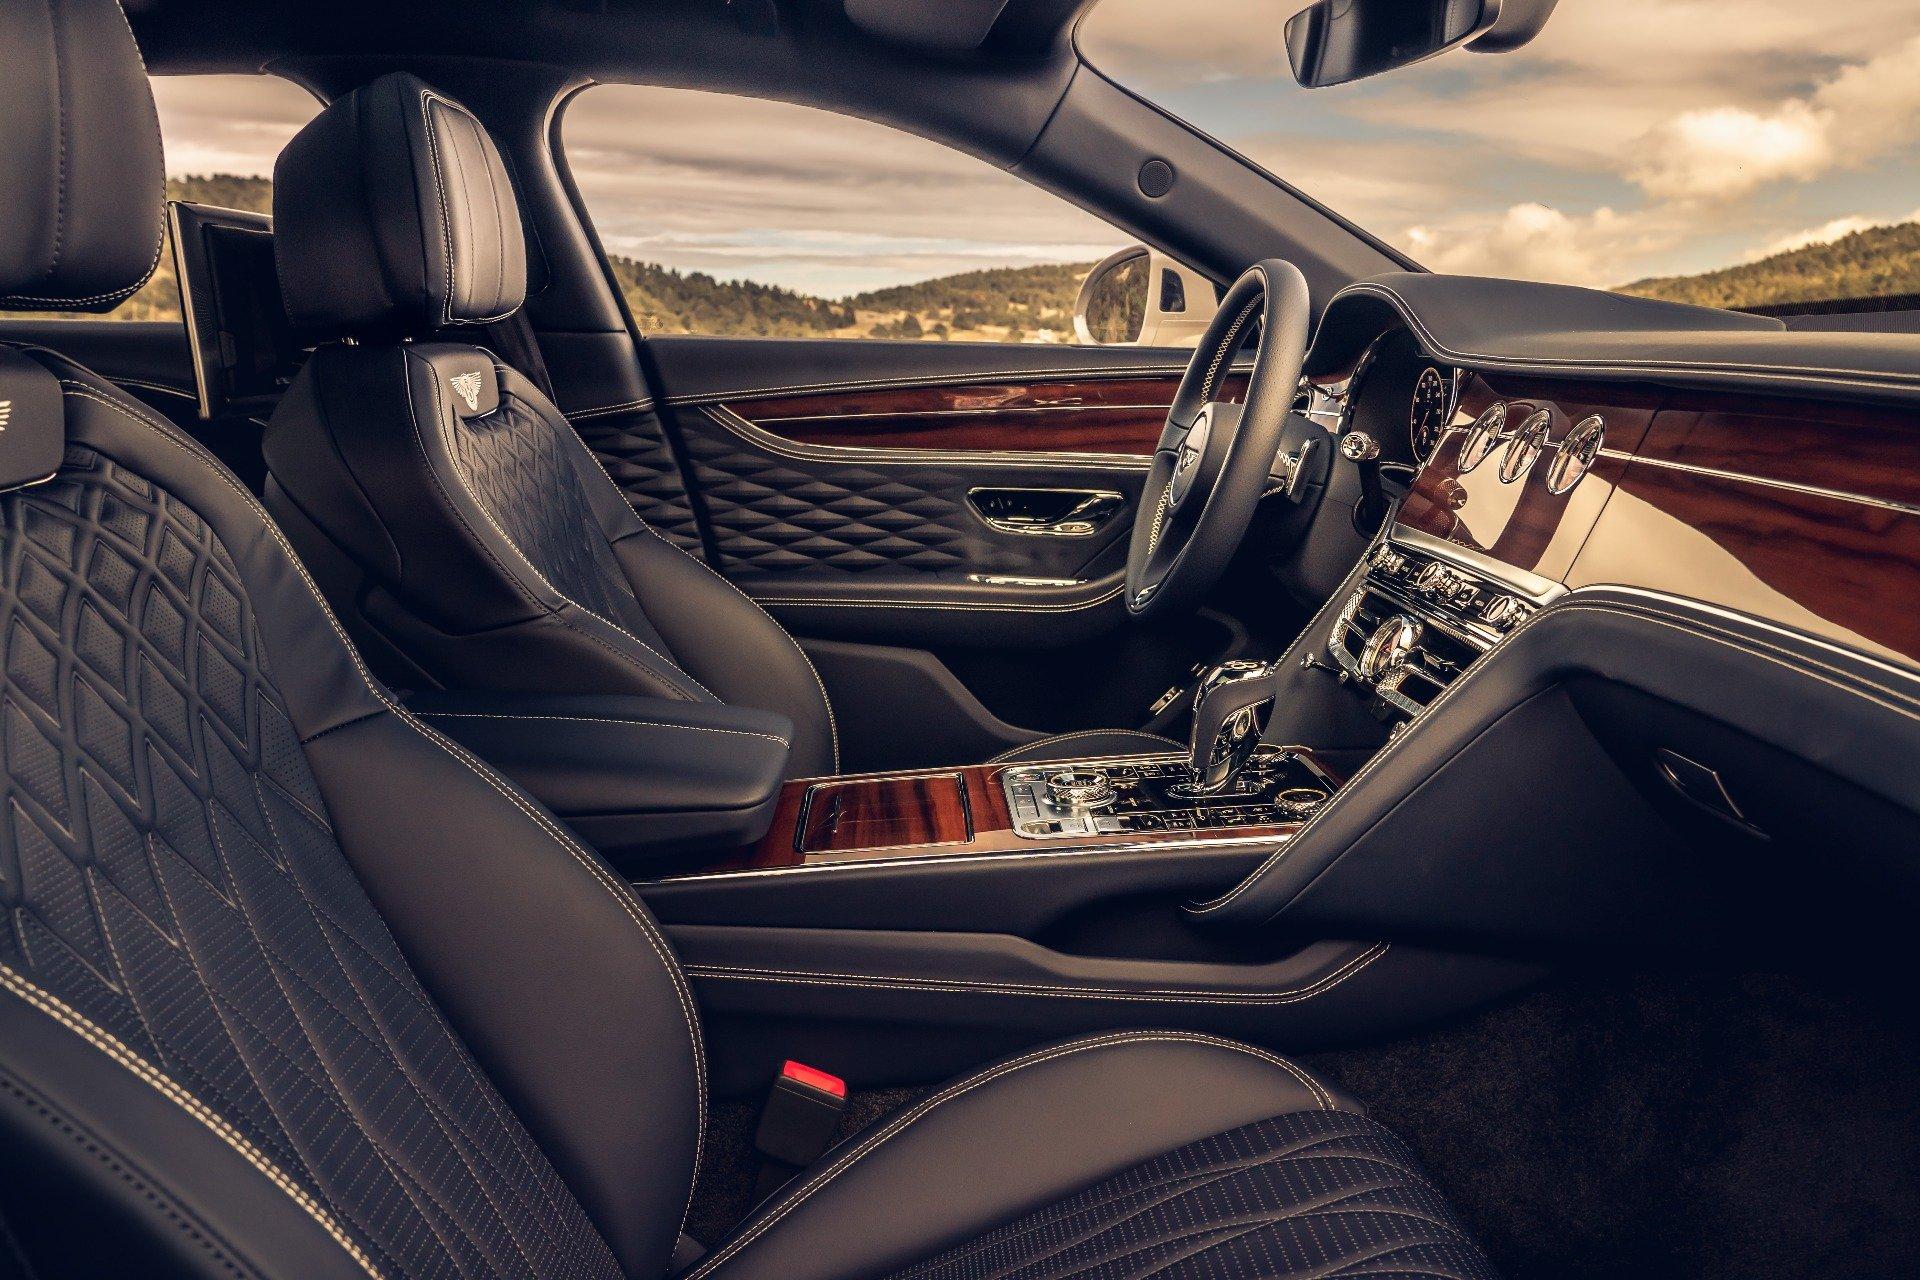 Компания Bentley показала специальную версию автомобиля Flying Spur